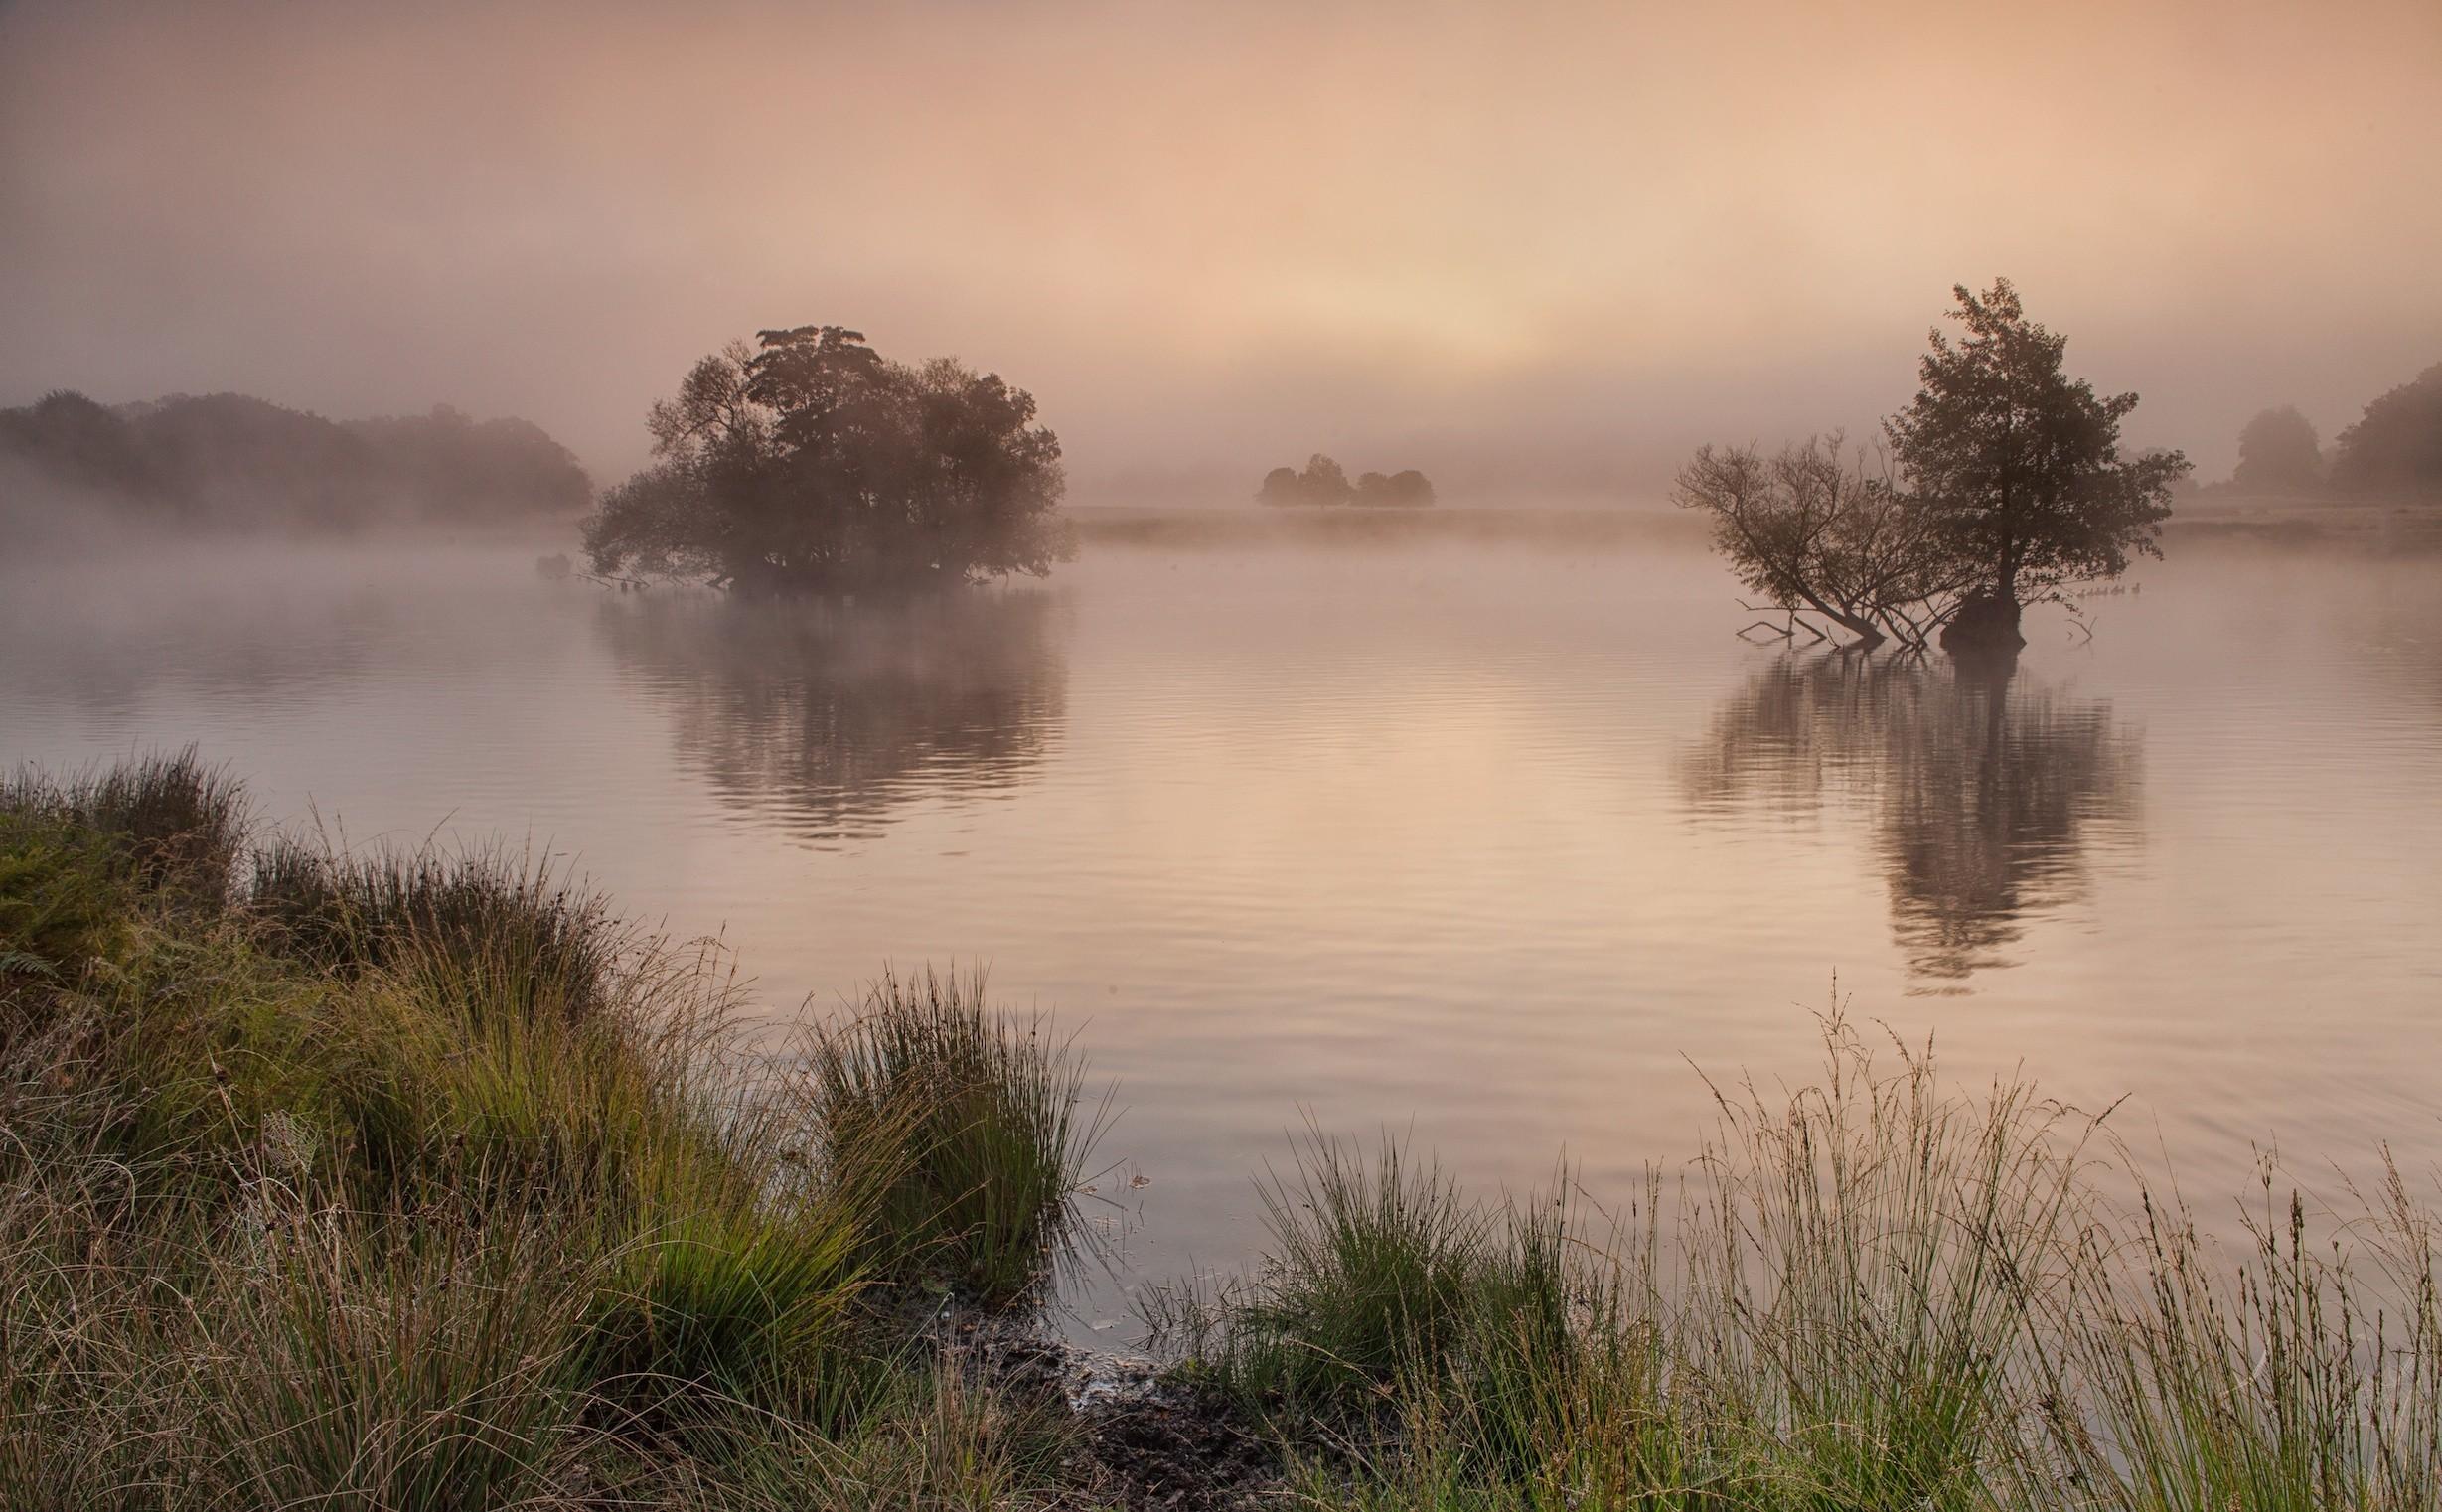 Утро, туман, озеро, деревья обои скачать